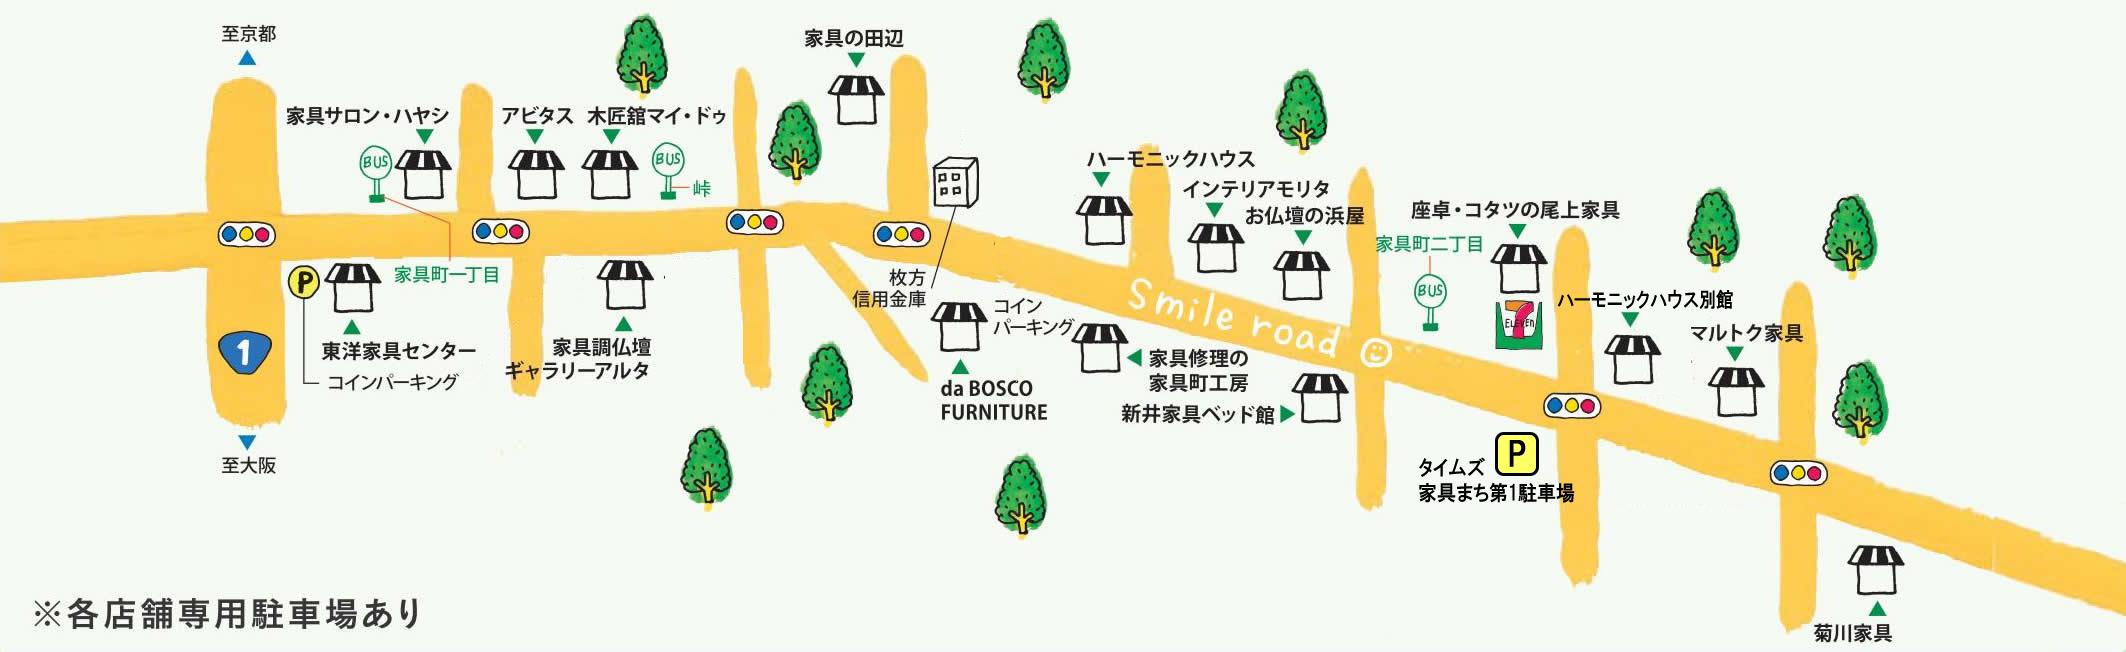 map202002